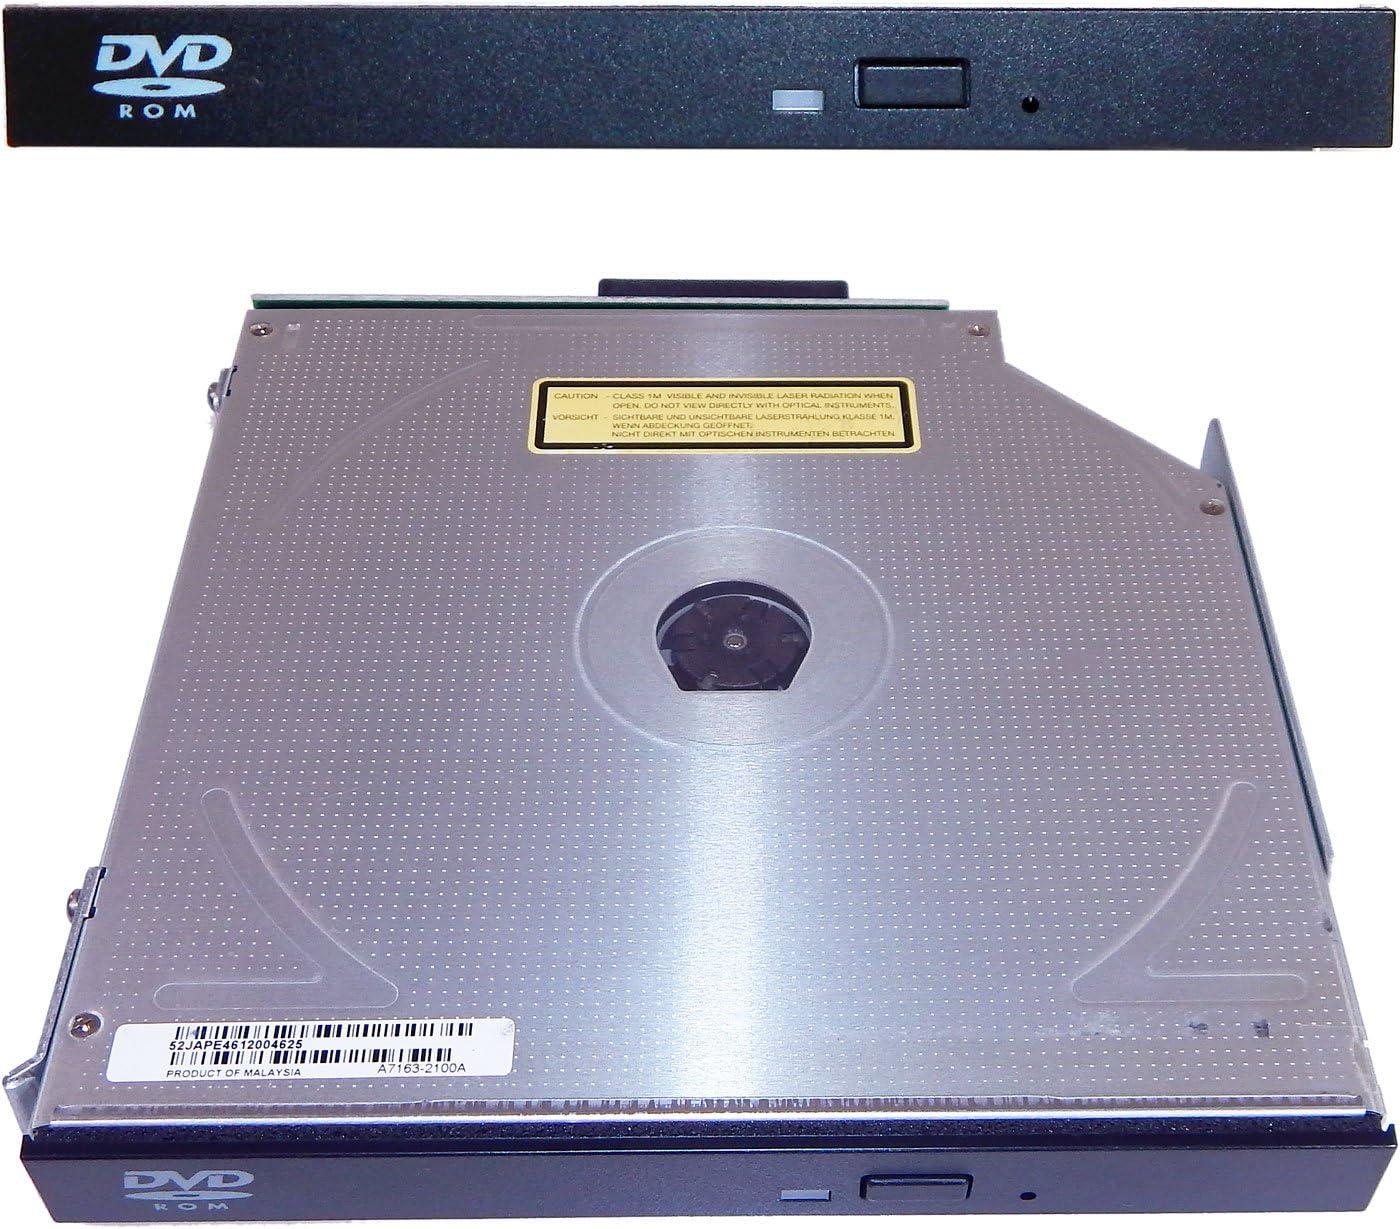 HP A7163A Slimline DVDROM w/Tray A6961-00128 for rx4640/rp4440